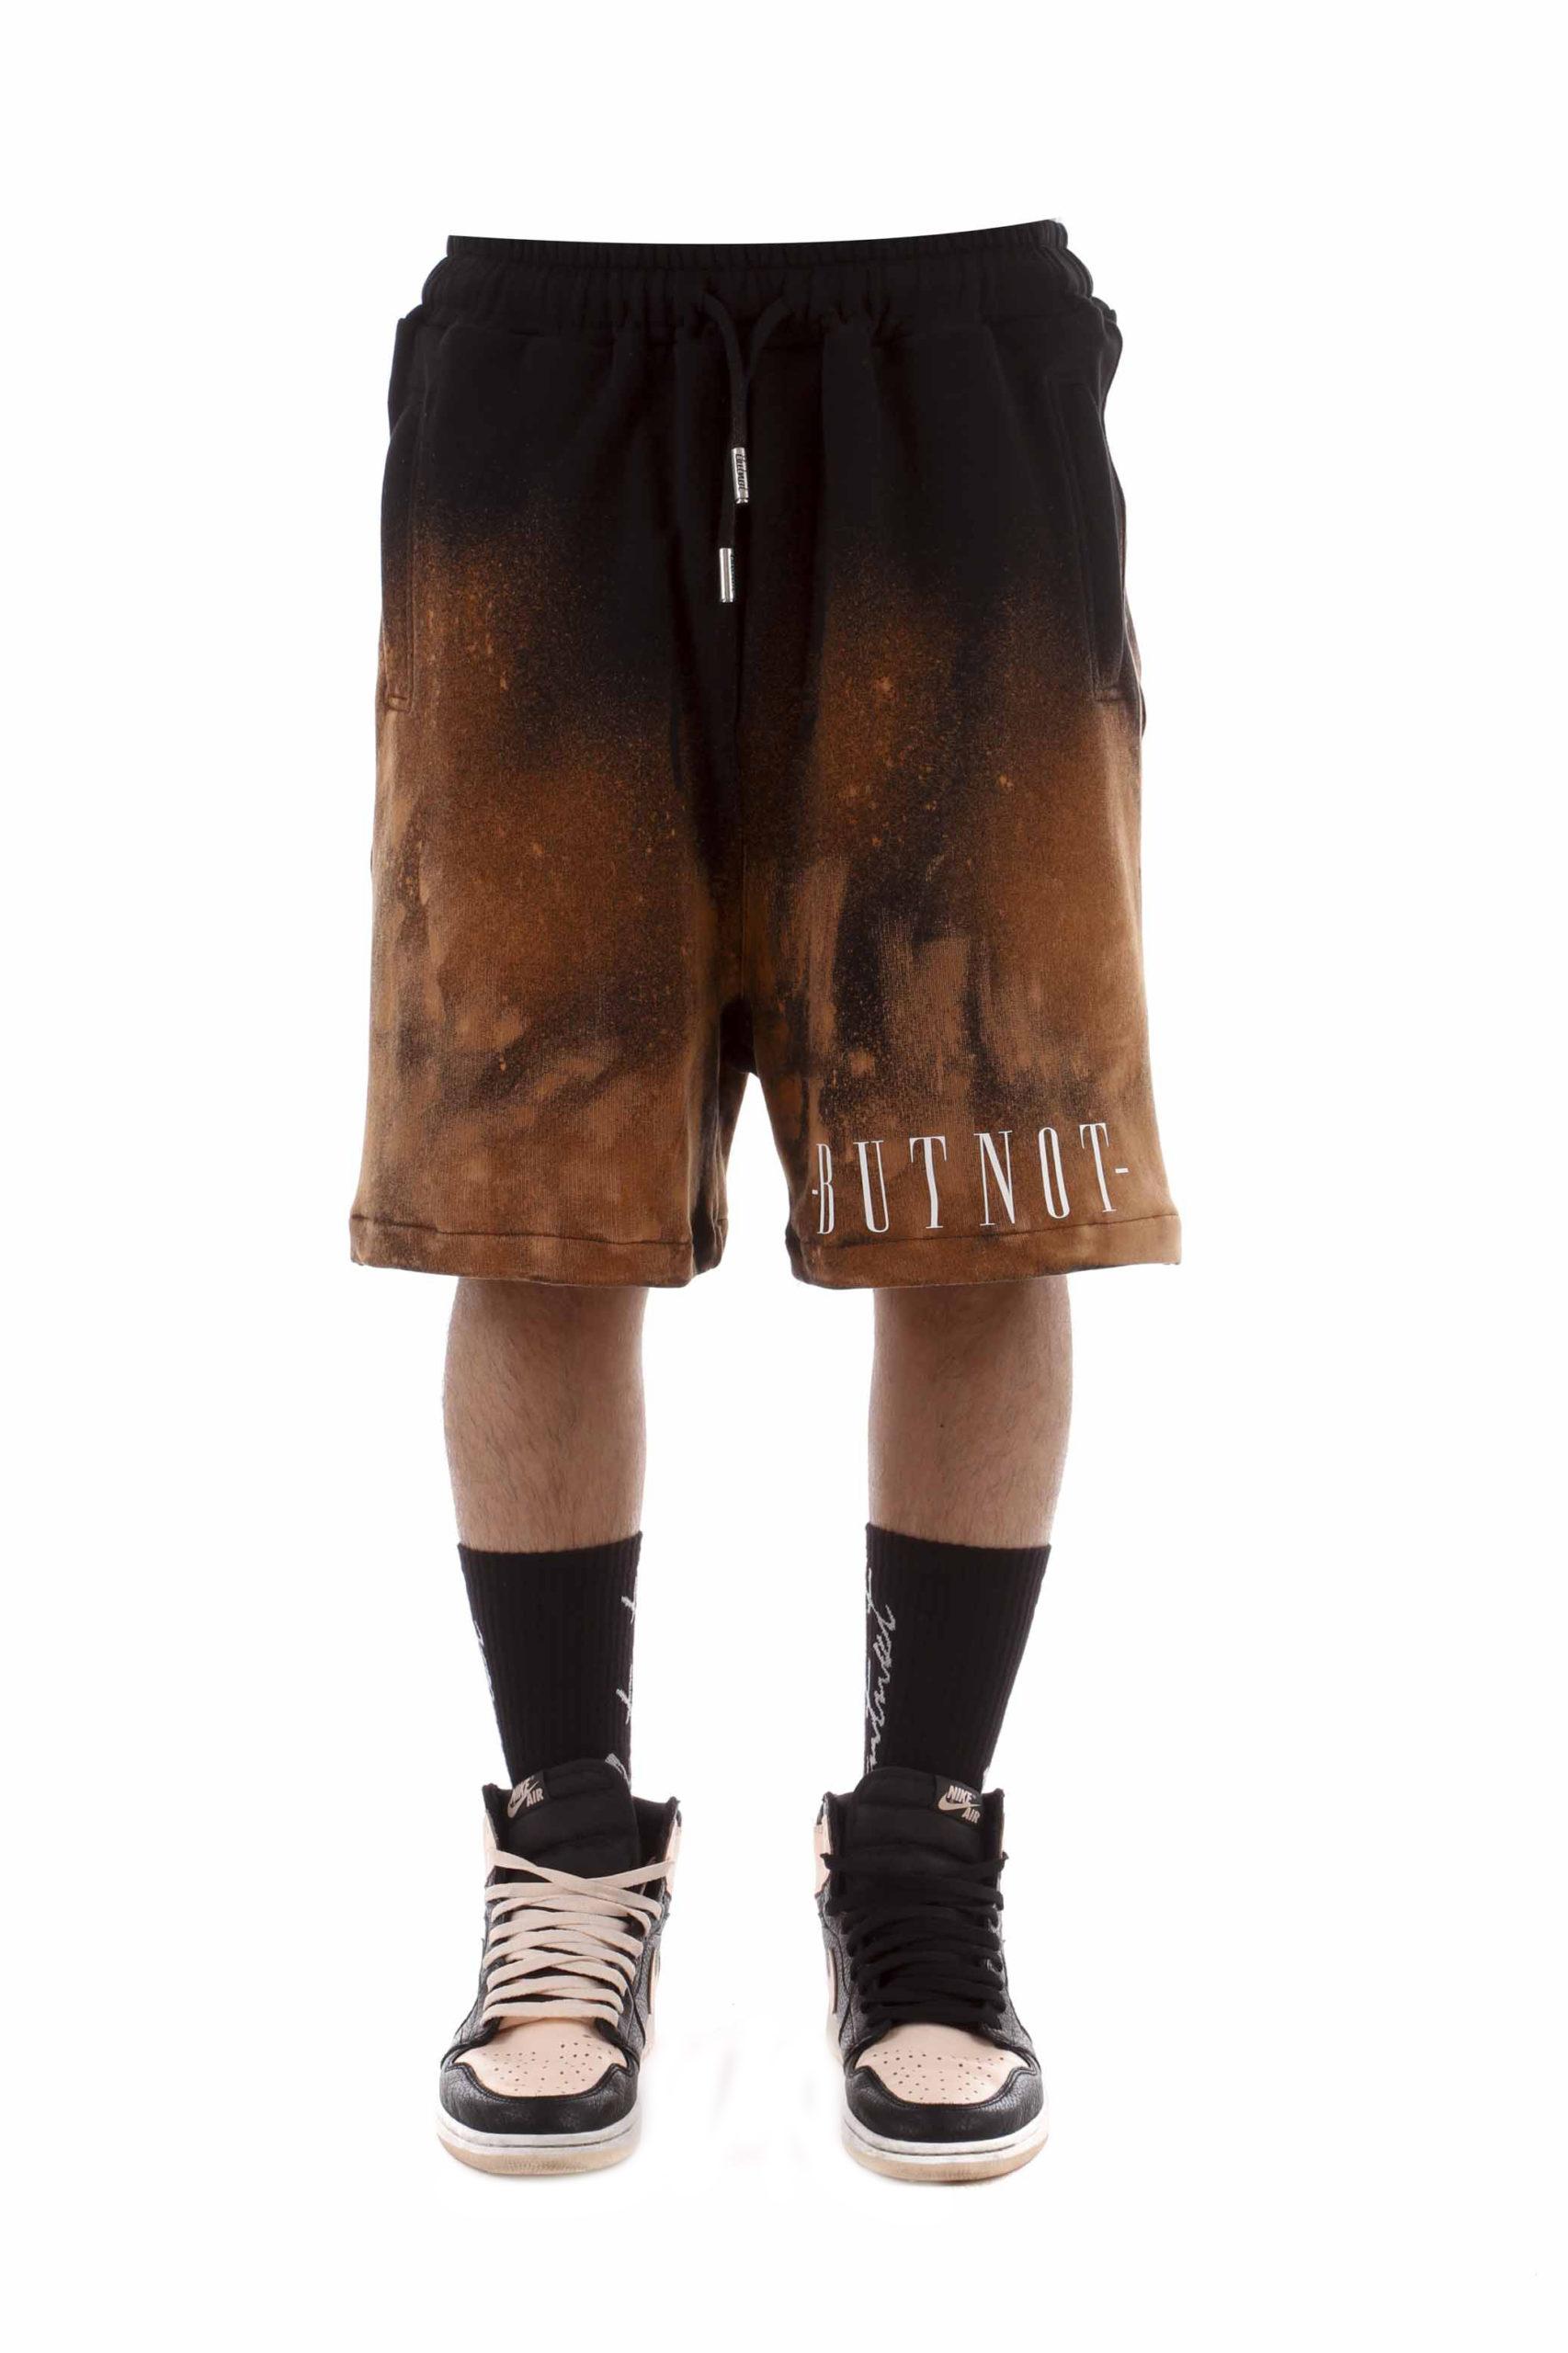 Short Butnot Sabbiato - Pantaloncino da Uomo U9431